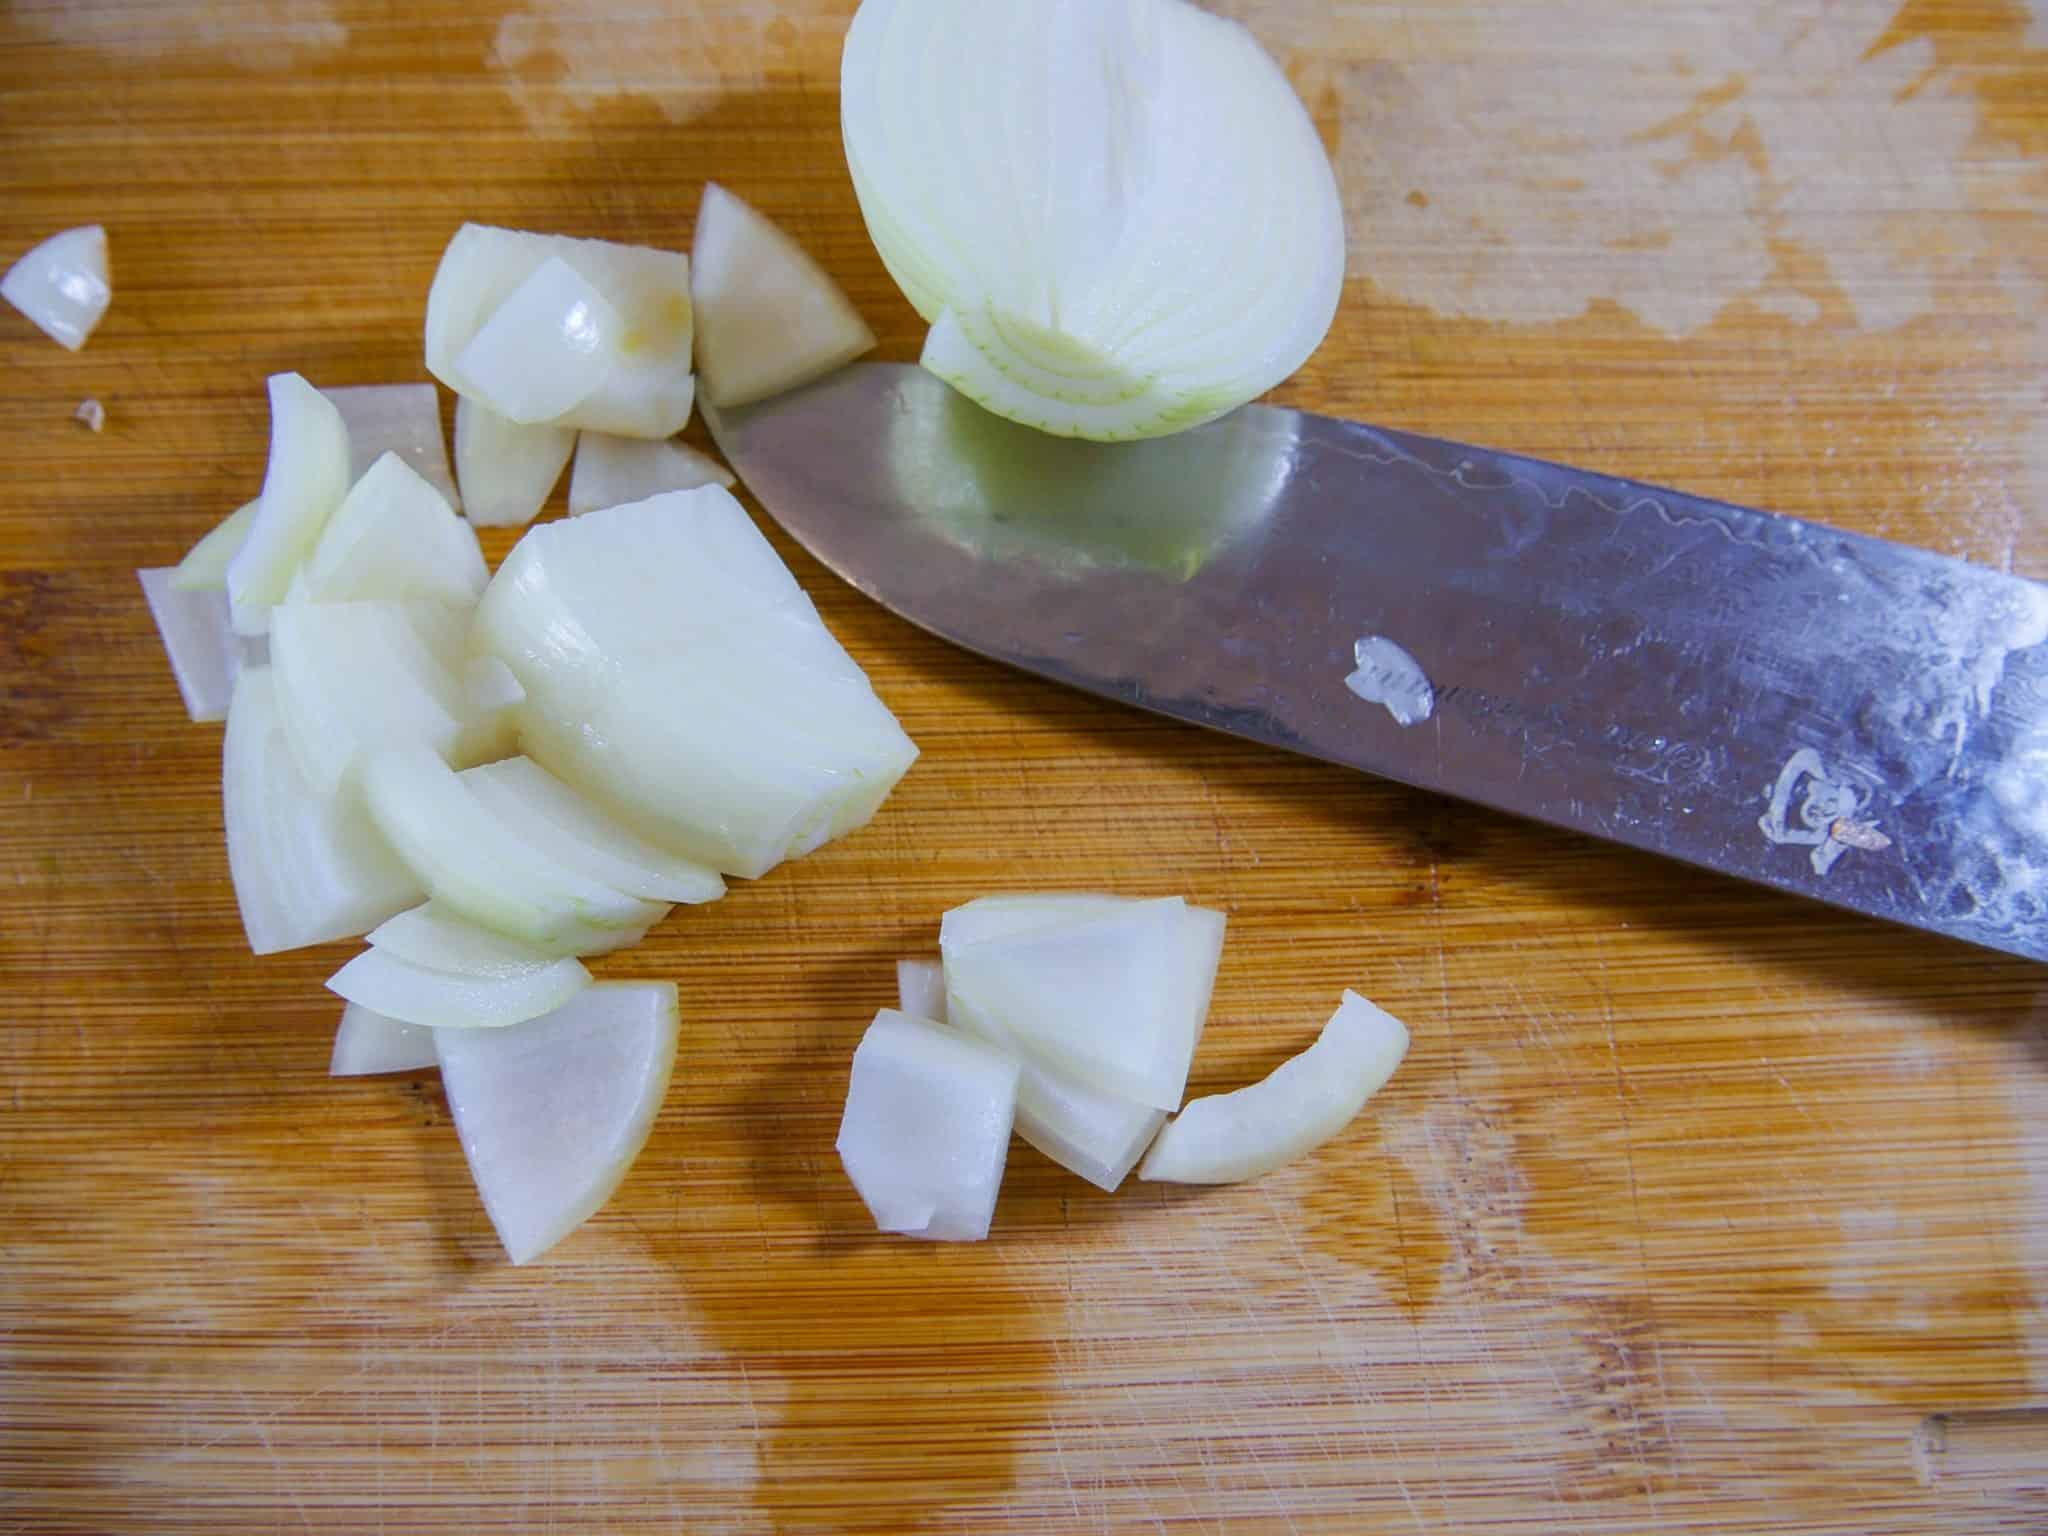 Zwiebeln für die Gemüsebrühe